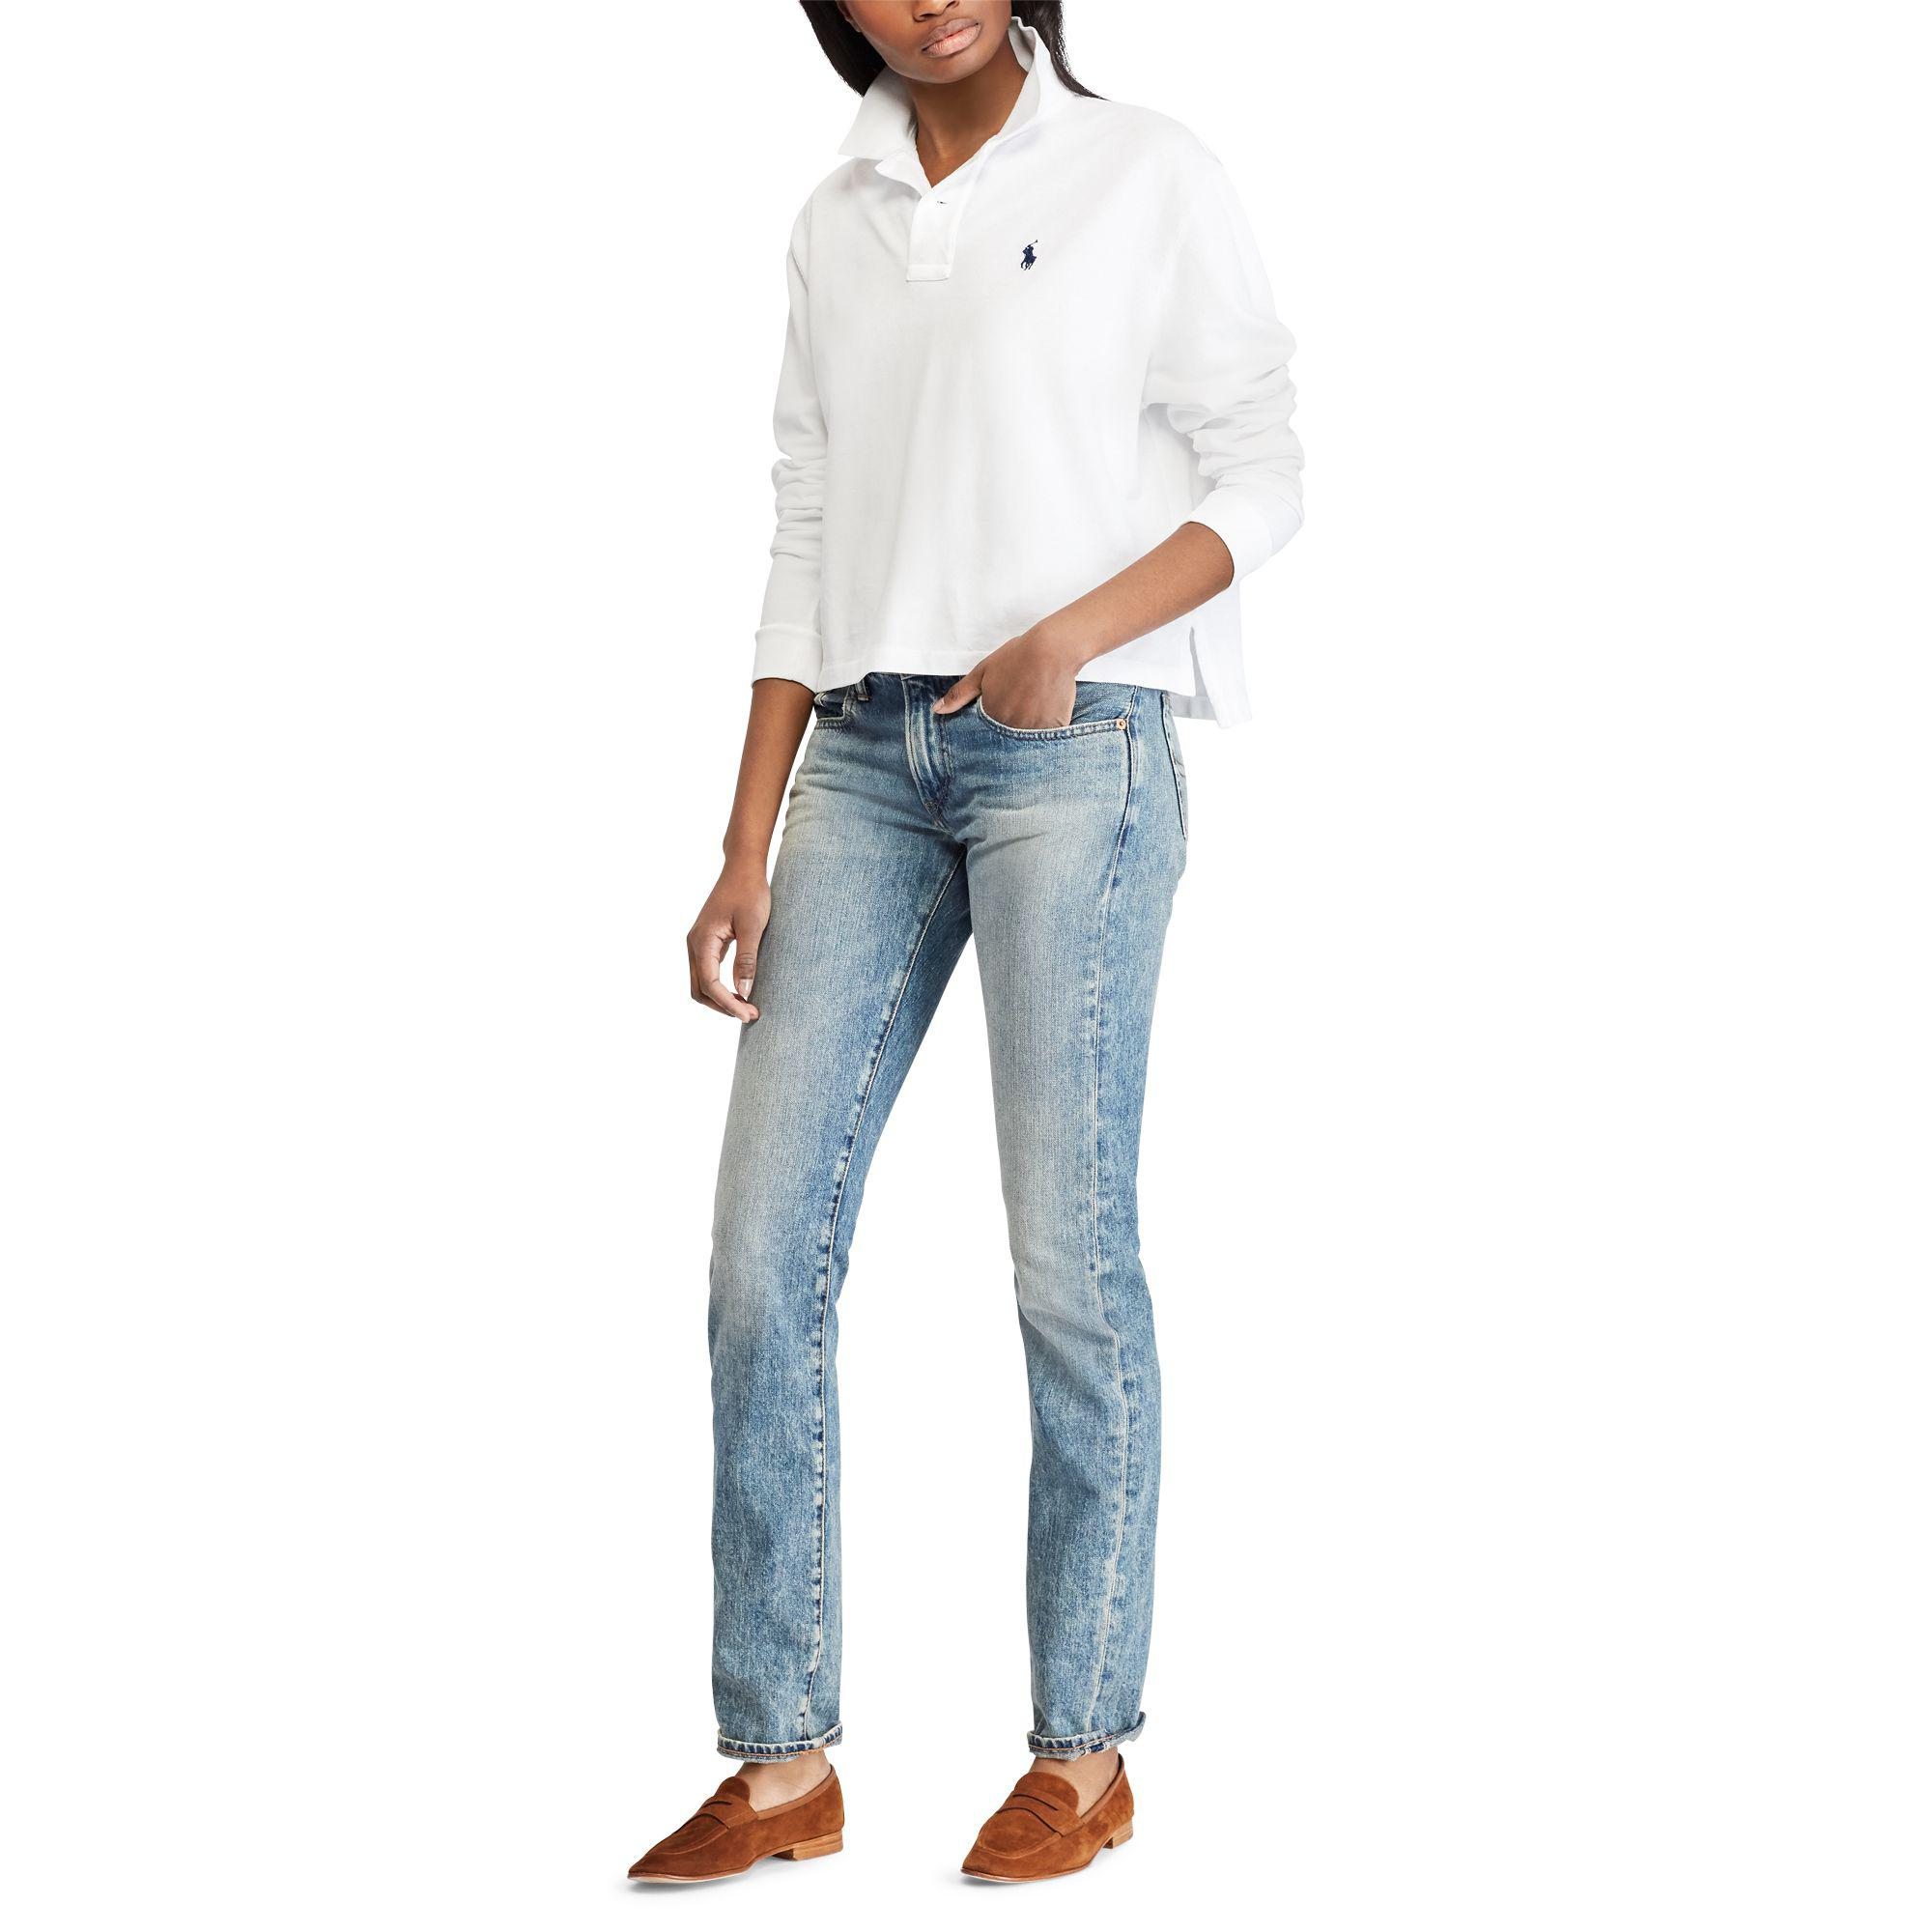 9da9d478ab57c9 Polo Ralph Lauren - White Cropped Mesh Polo Shirt - Lyst. View fullscreen